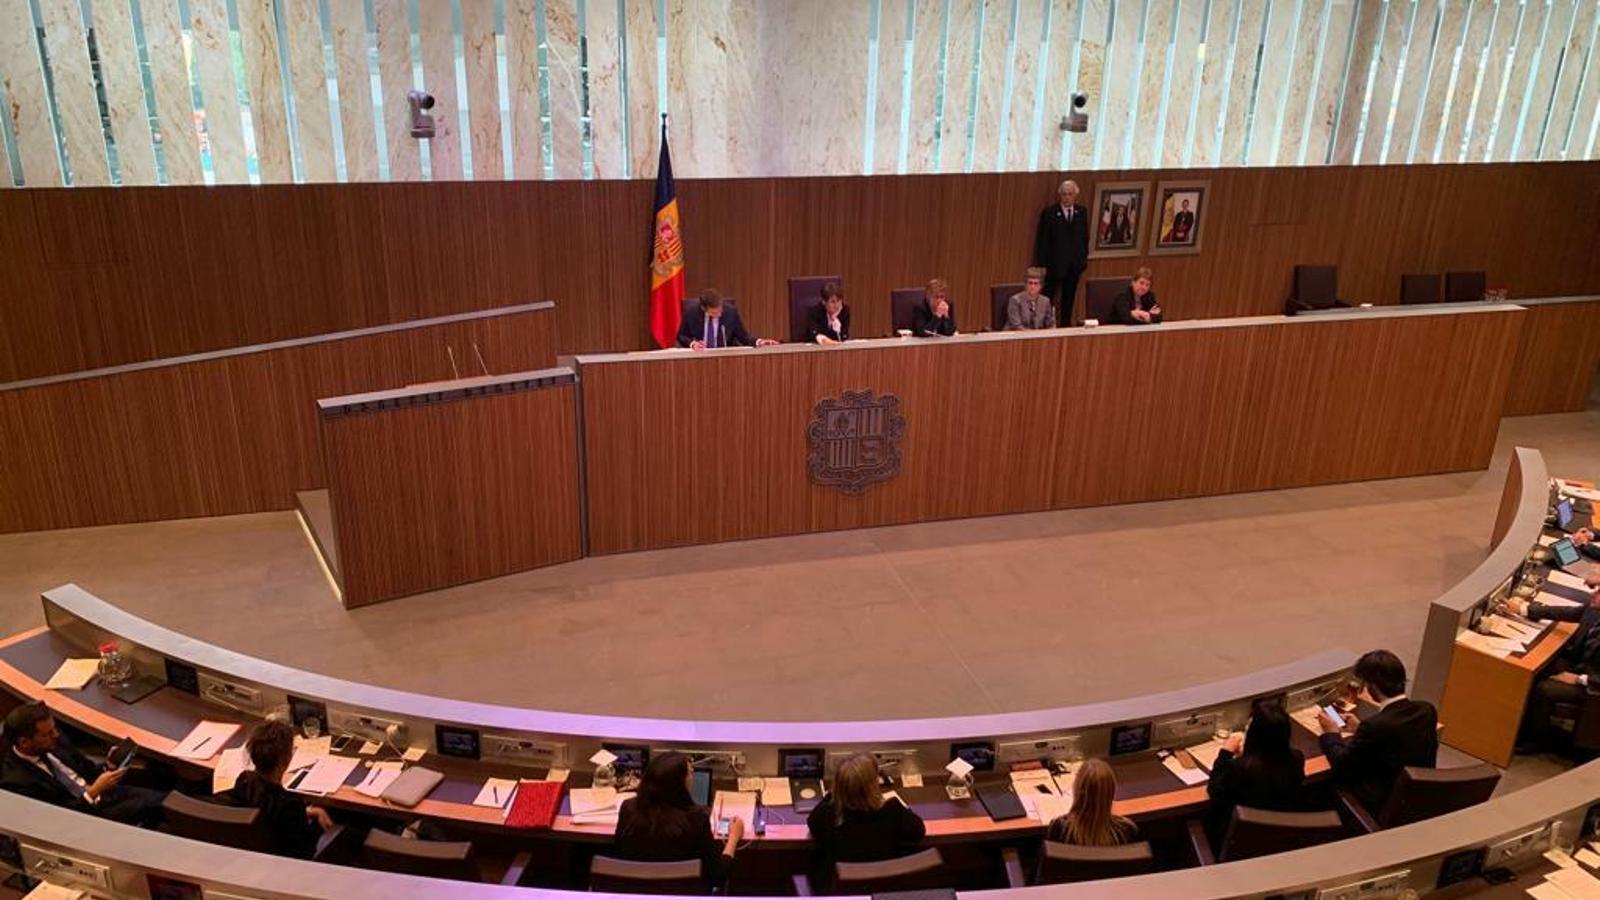 Sessió ordinària de preguntes al Govern en el Consell General. / C. A. (ANA)